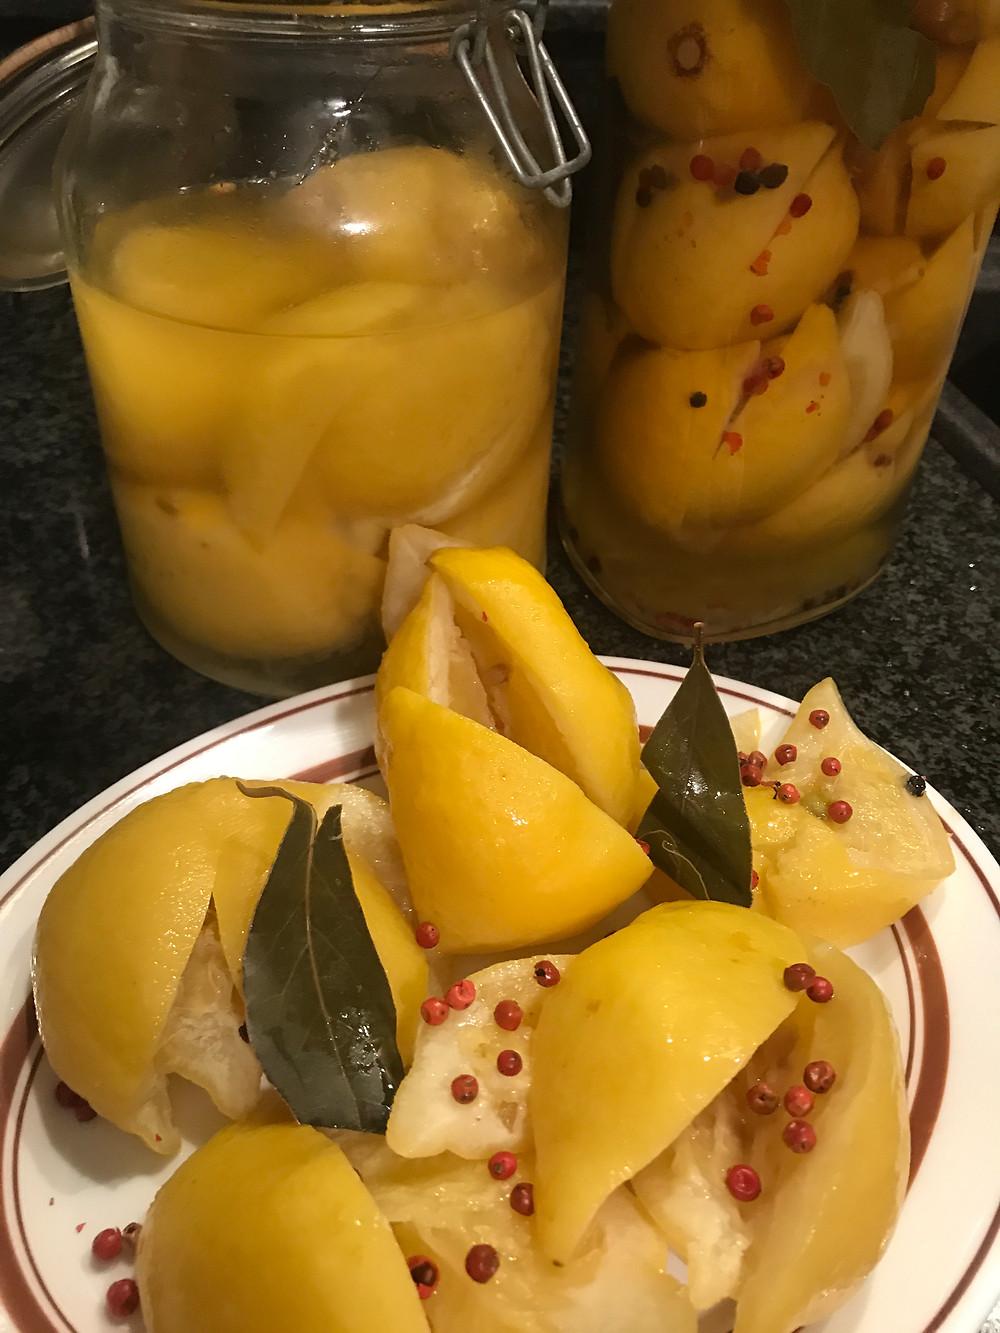 lemons in brine or how to make pickled lemons